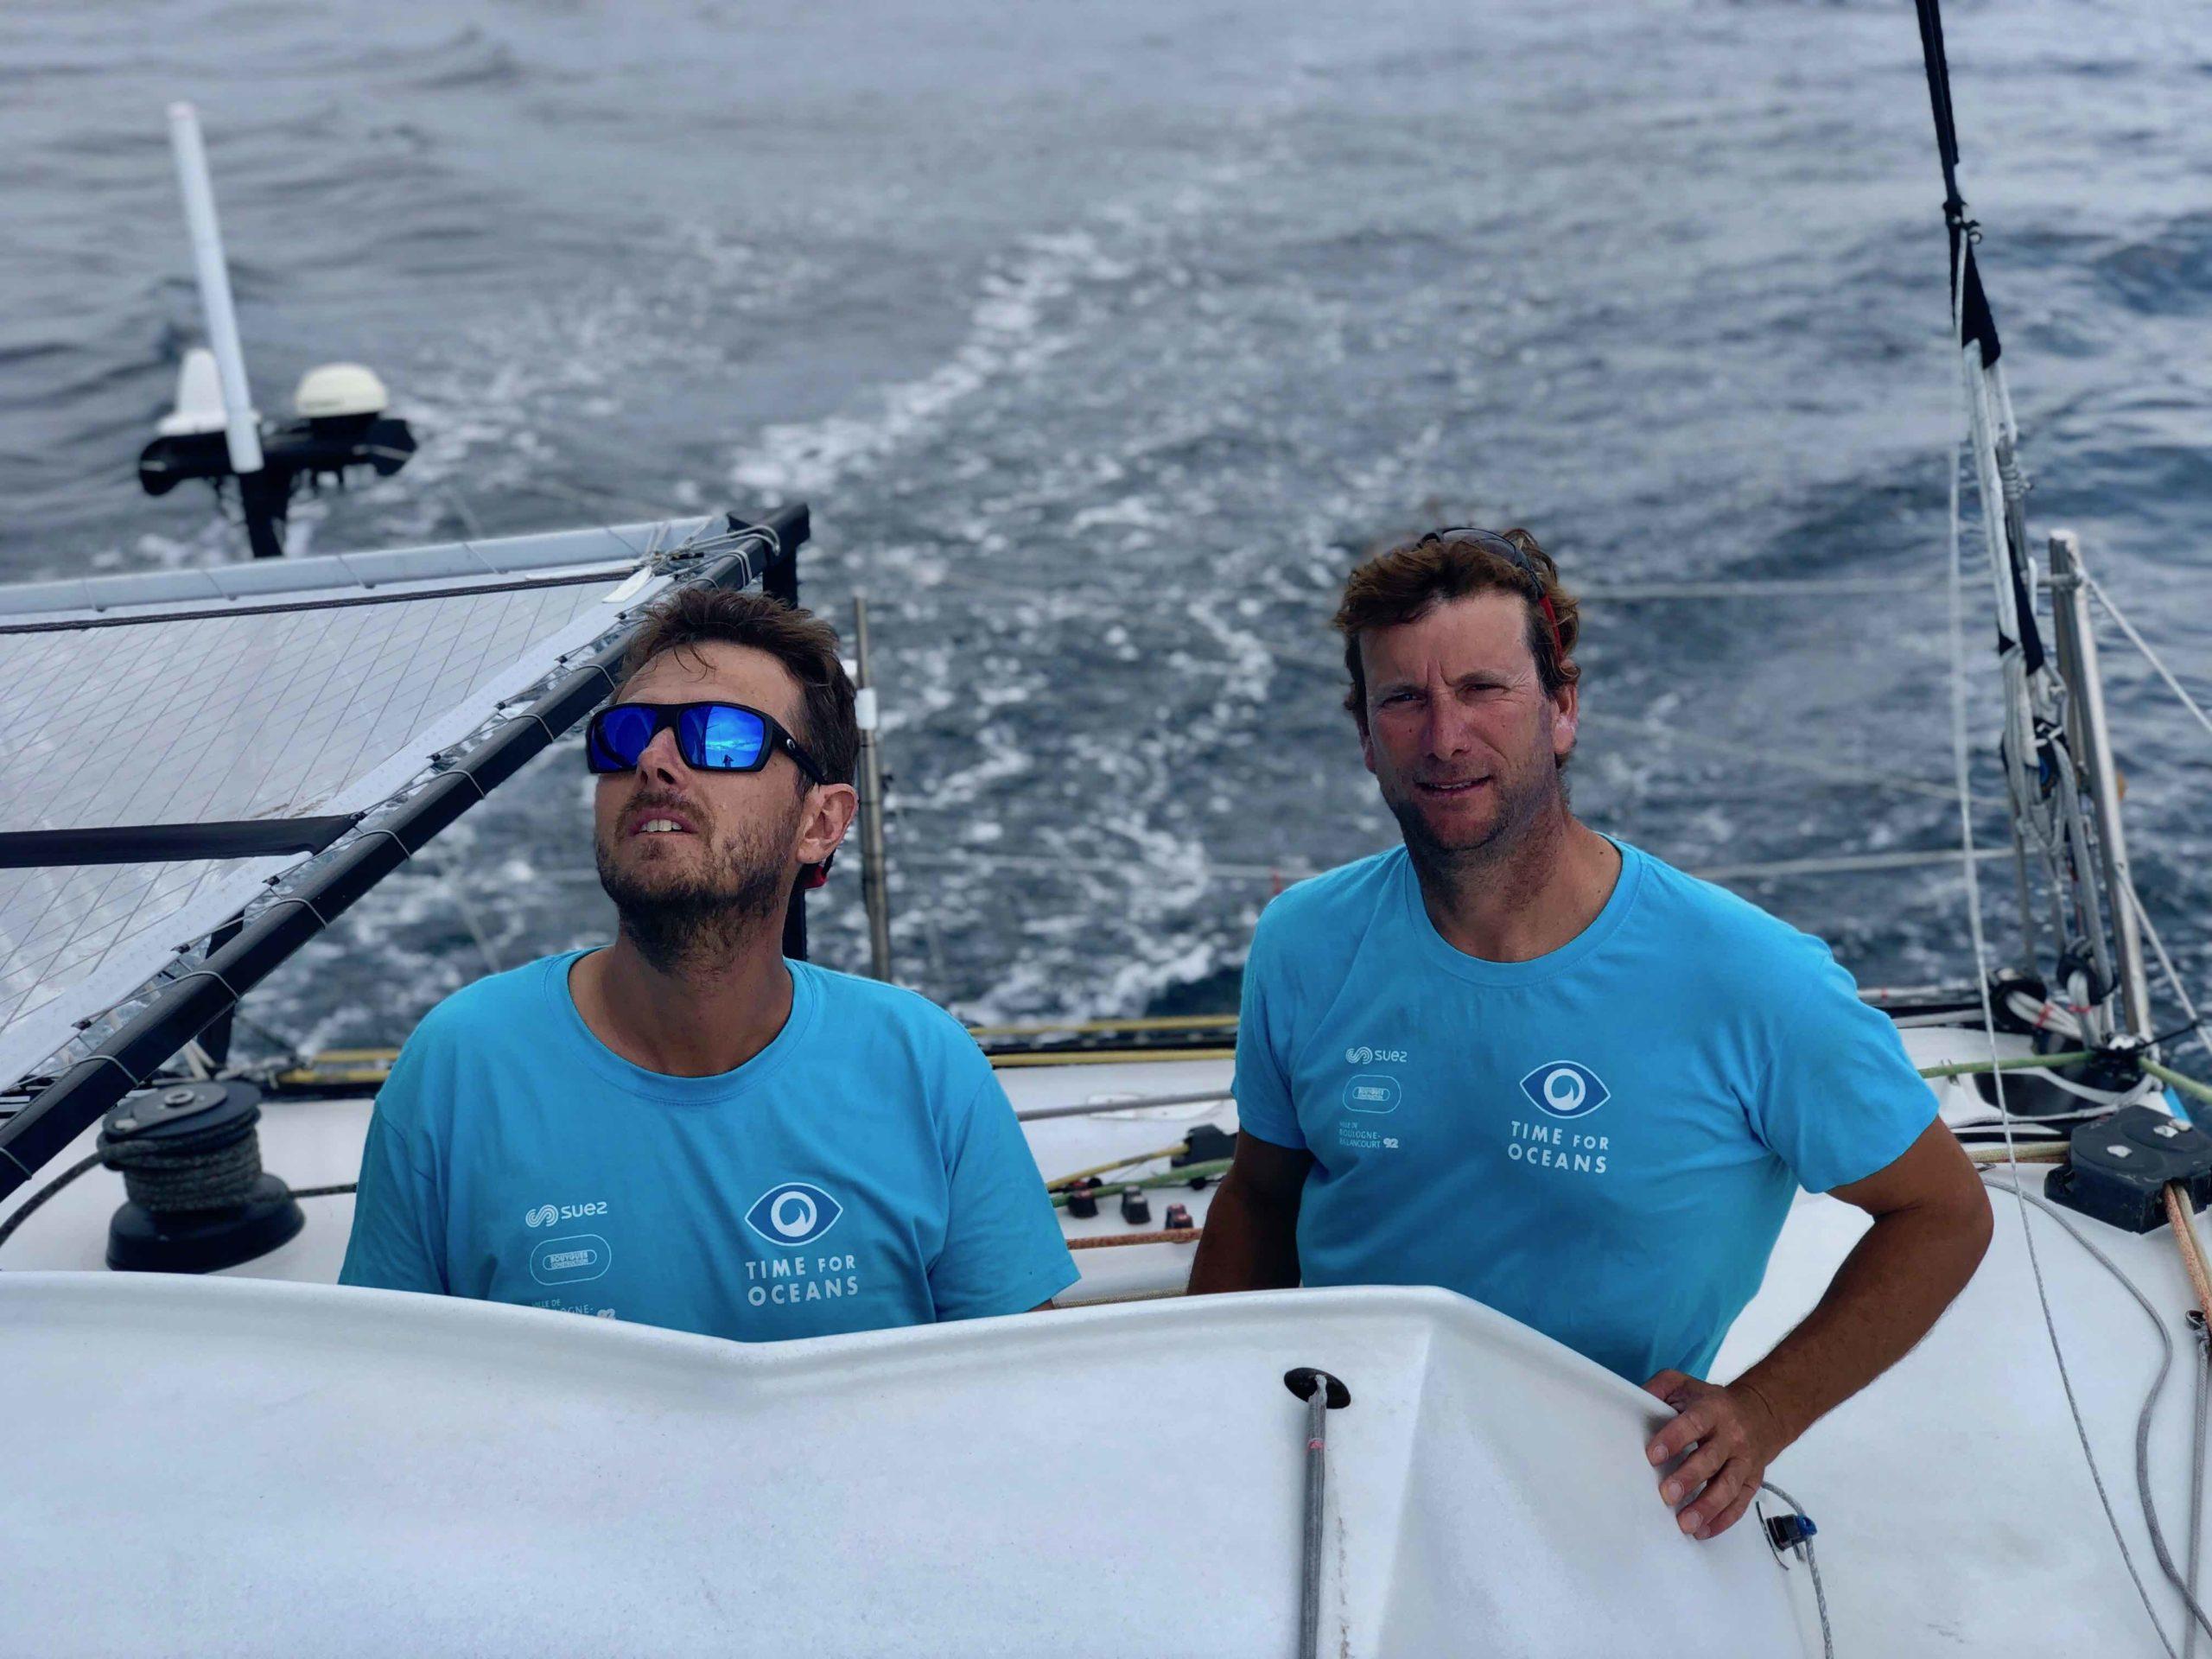 Bon départ pour Stéphane Le Diraison et François Guiffant sur la Fastnet Race à bord de Time For Oceans.